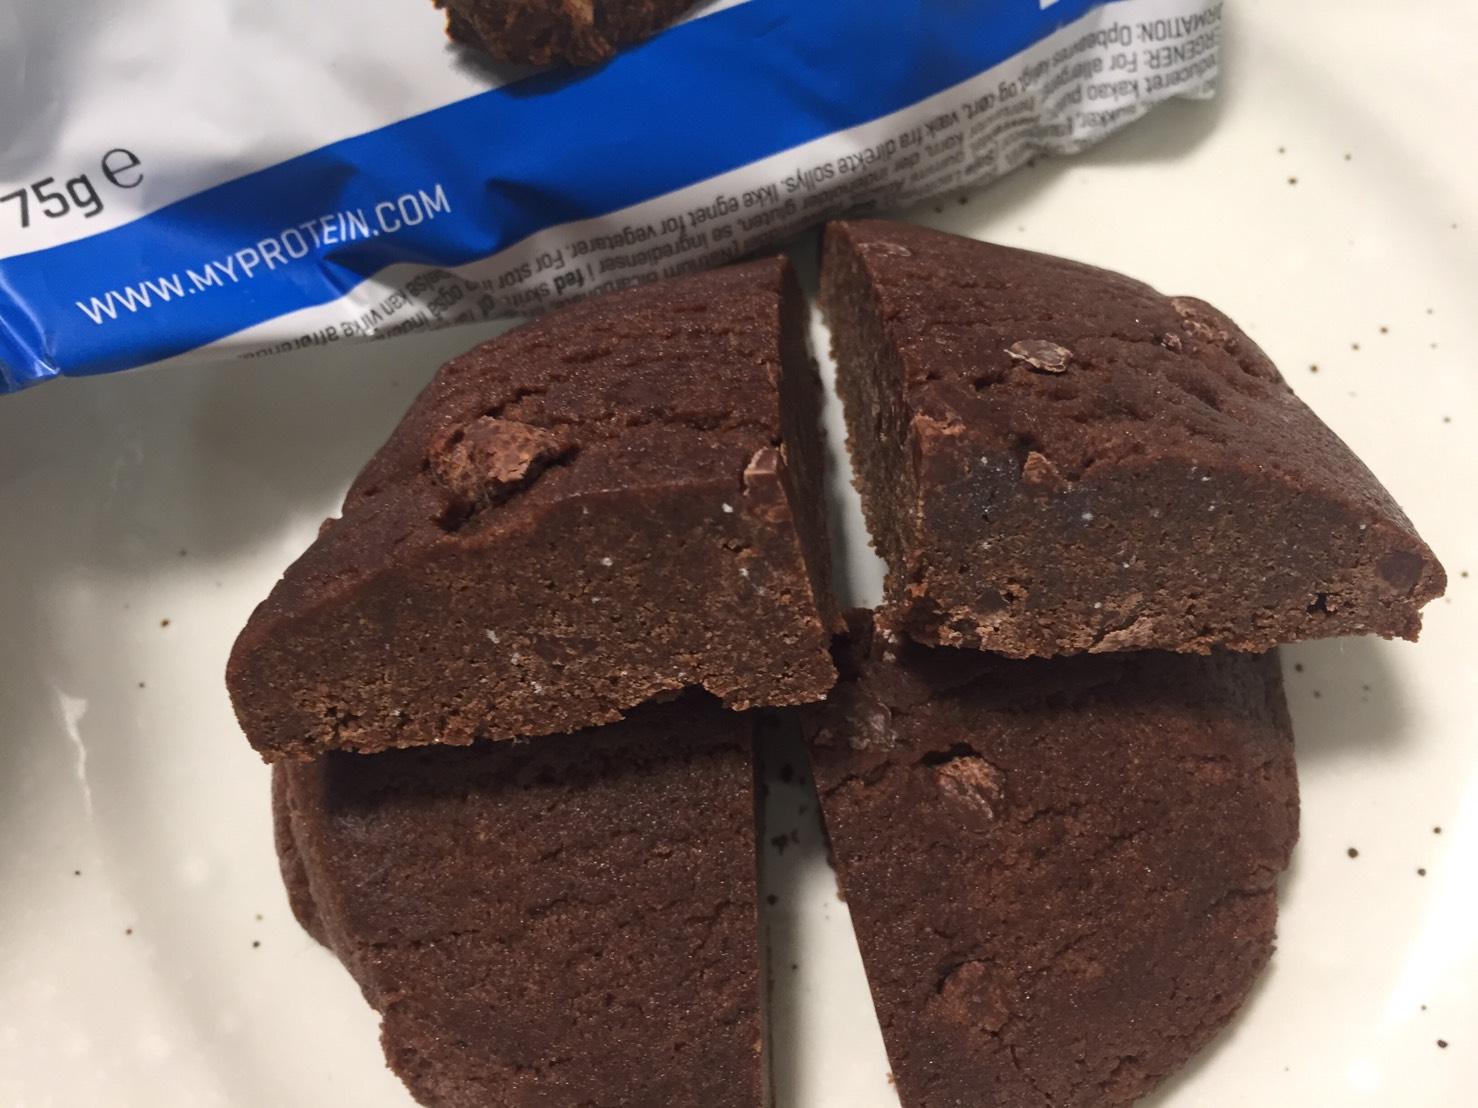 プロテインクッキー「DOUBLE CHOCOLATE CHIP FLAVOUR(ダブルチョコレートチップ味)」の断面の様子